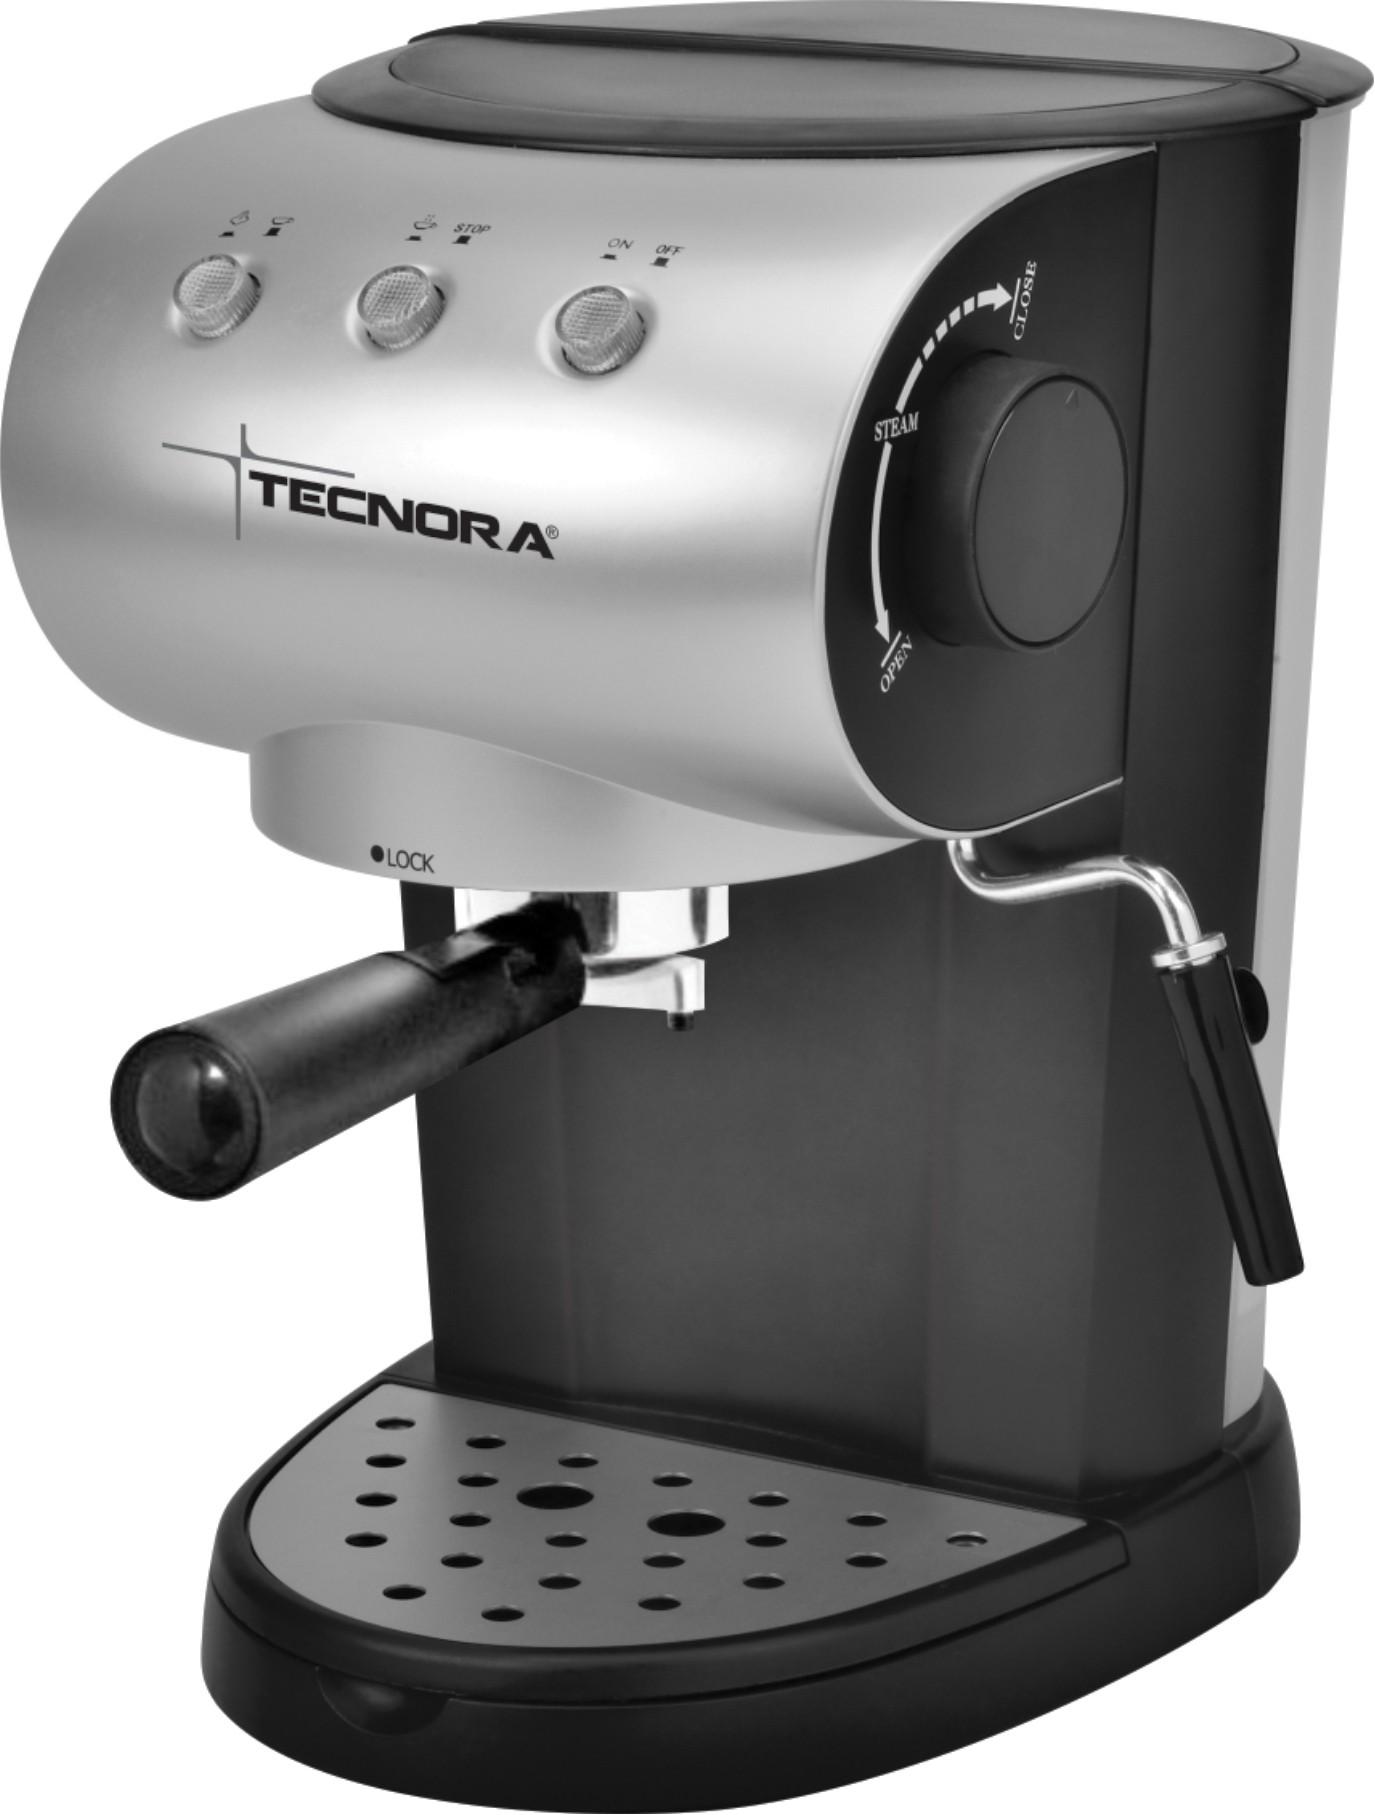 Tecnora KV 108 M 2 Cups Coffee Maker(Black)